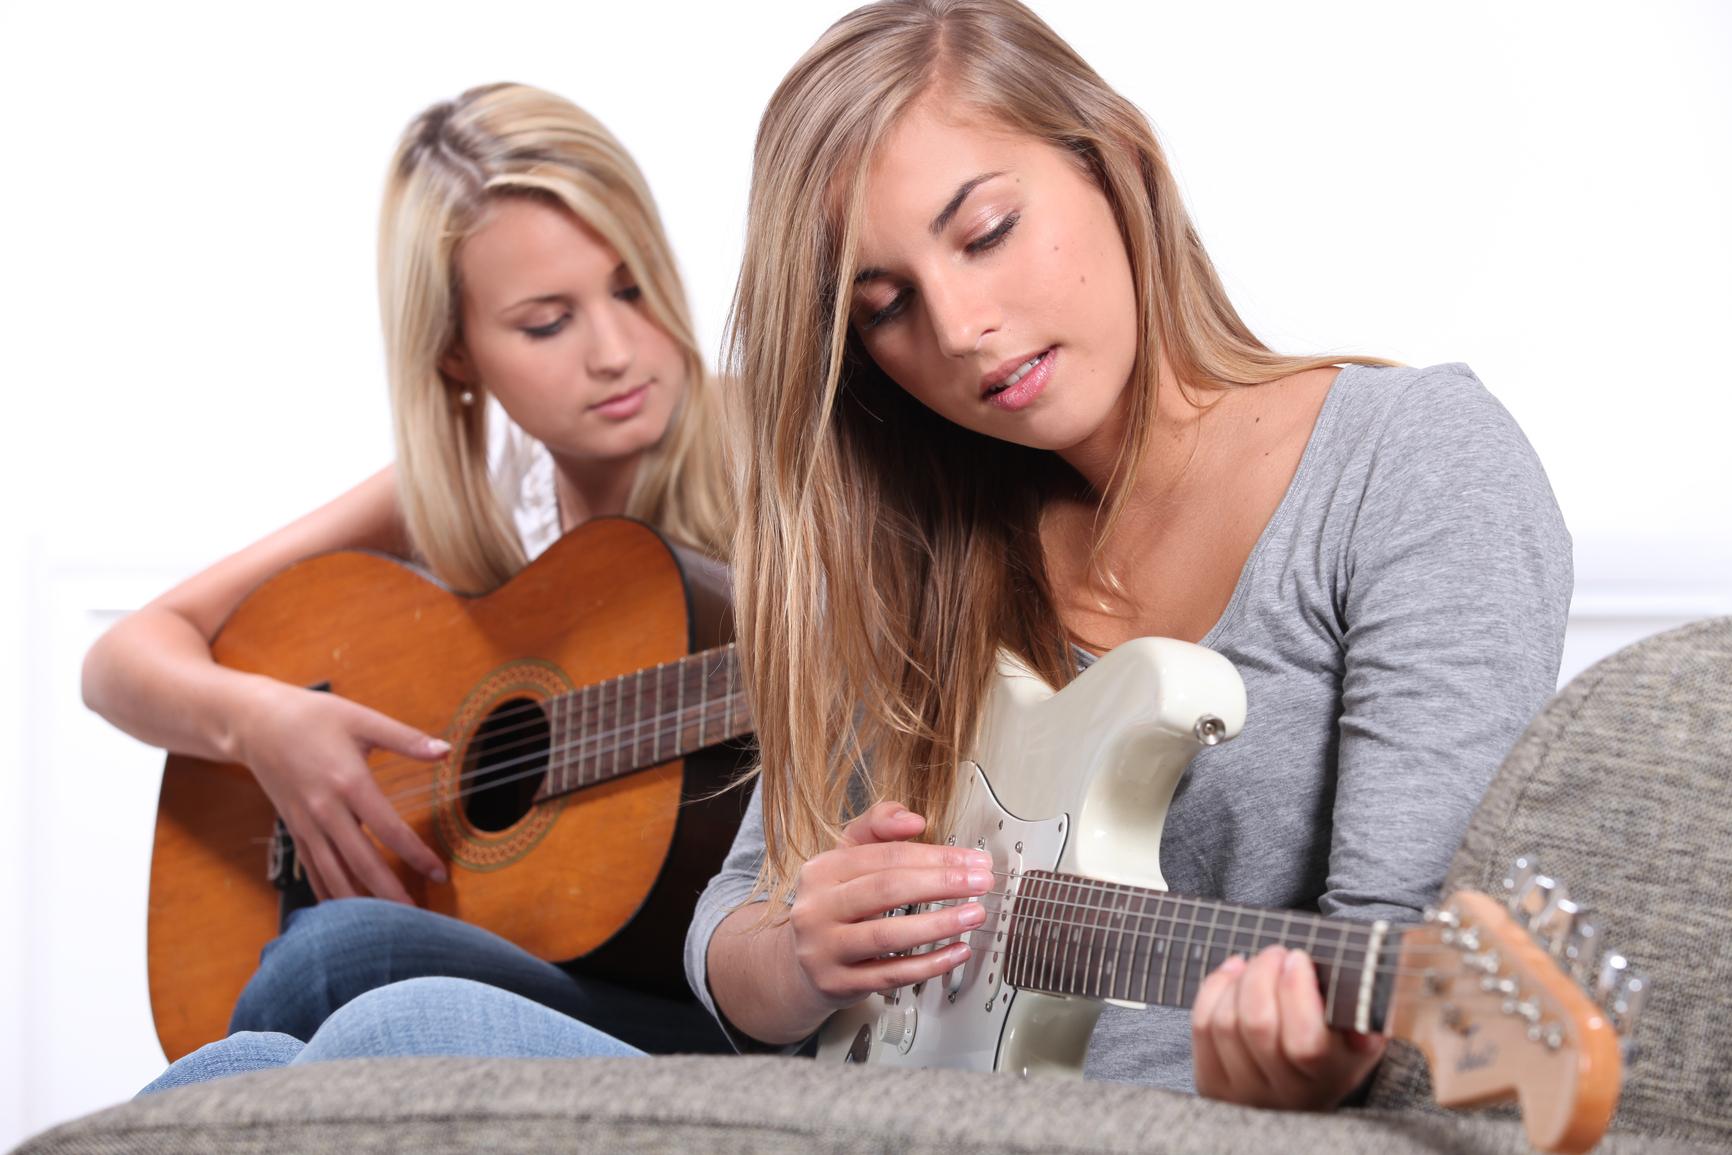 придумать увлечение для подростка